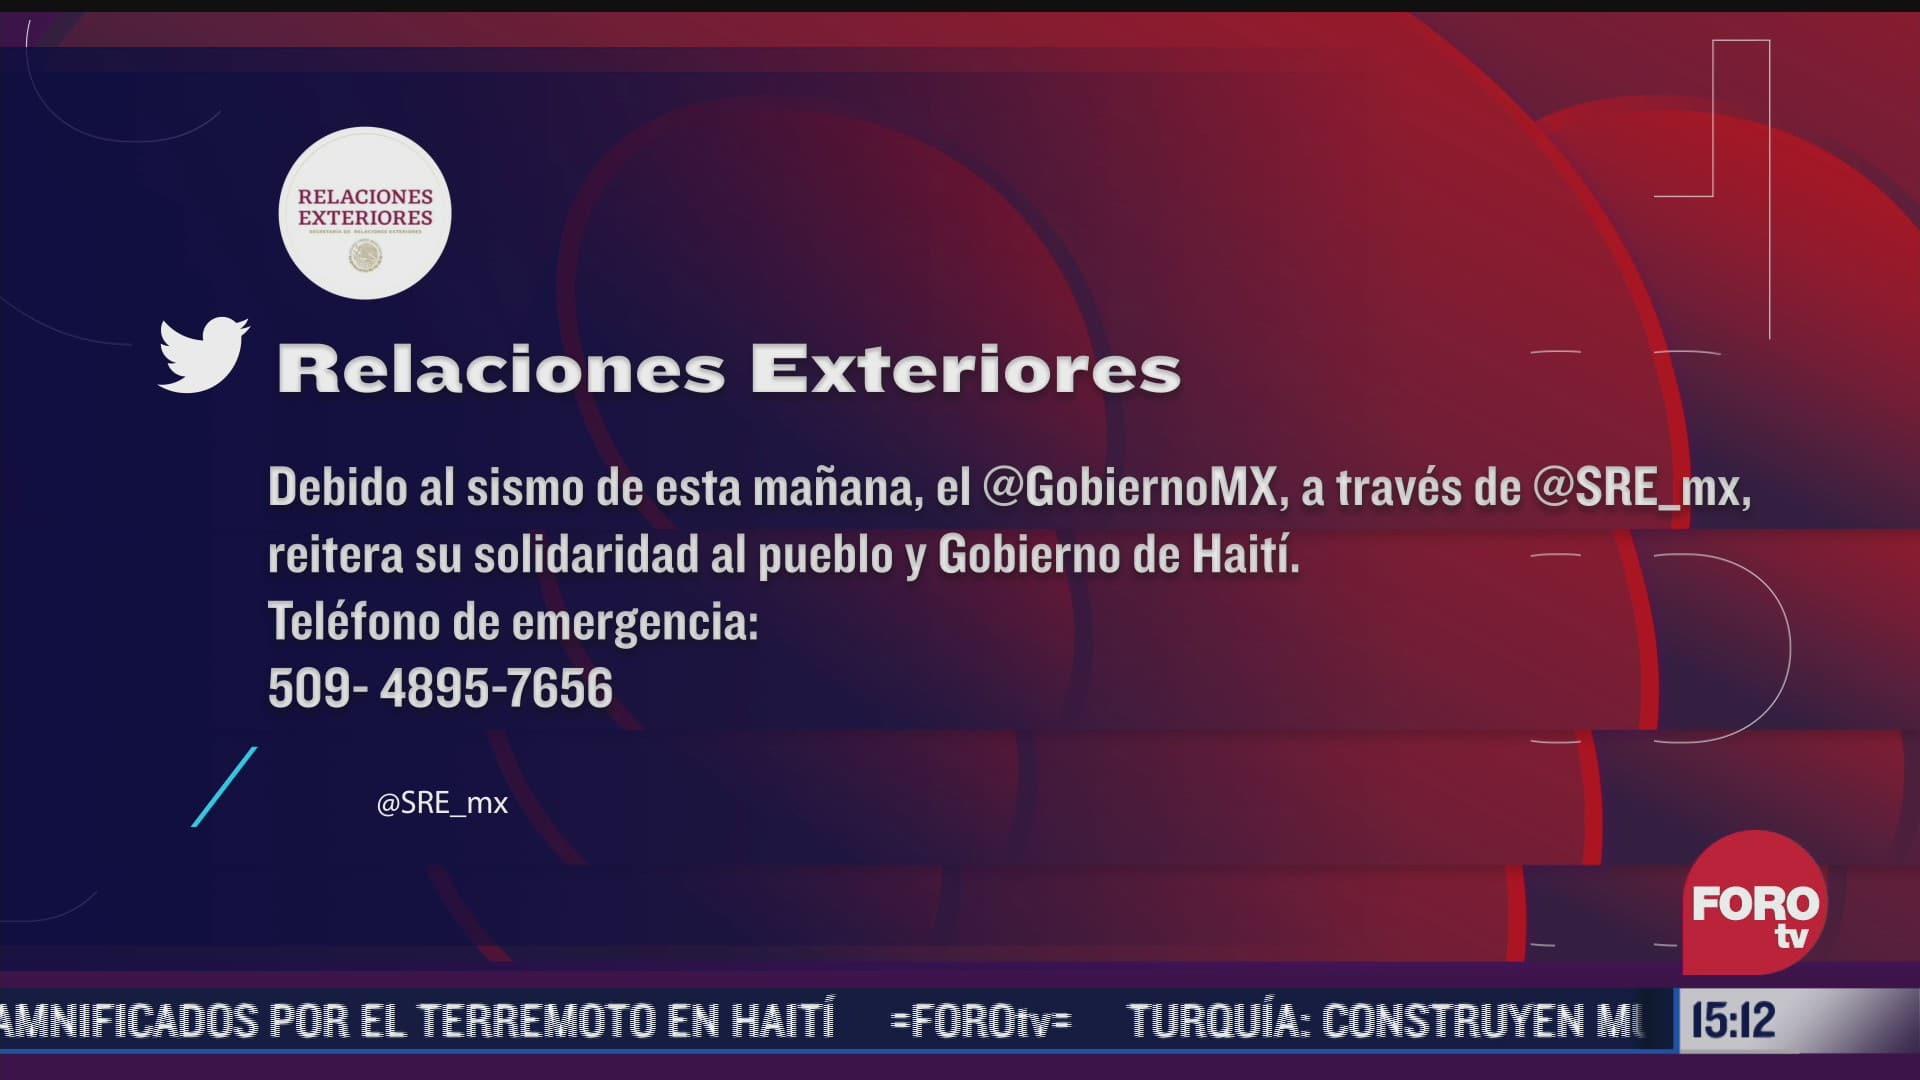 no hay reporte de mexicanos afectados por terremoto en haiti